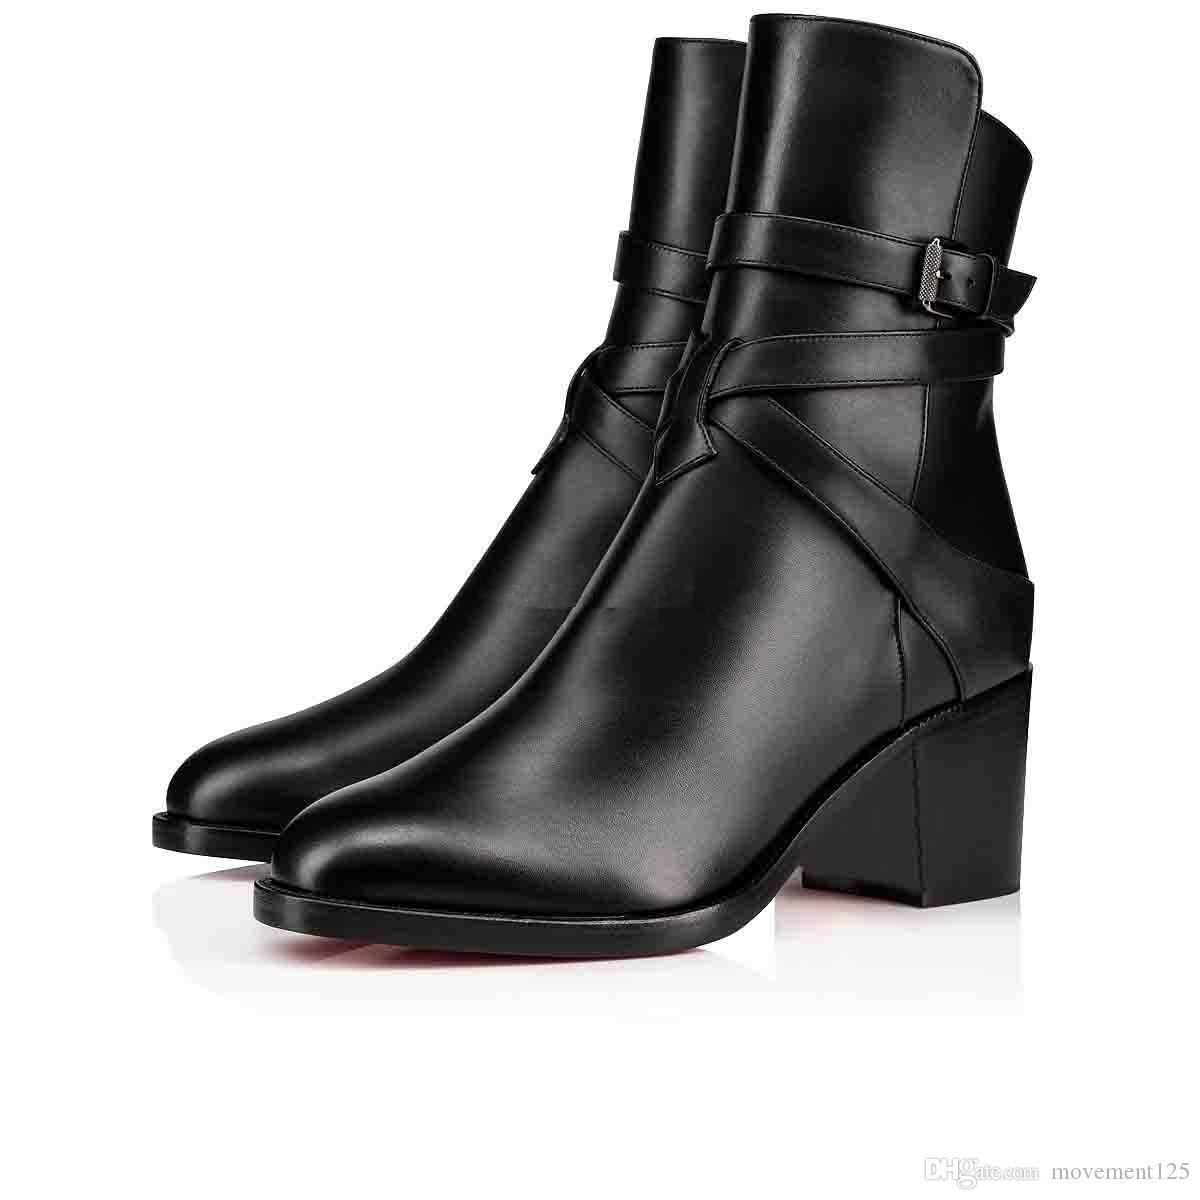 İnce Bayan Çizme Siyah Dana derisi Gerçek Deri Kırmızı Alt Bilek Boots For Women Karistrap Stil Yüksek Blok Topuk Boot Ayak bileği Boot ile Kayış